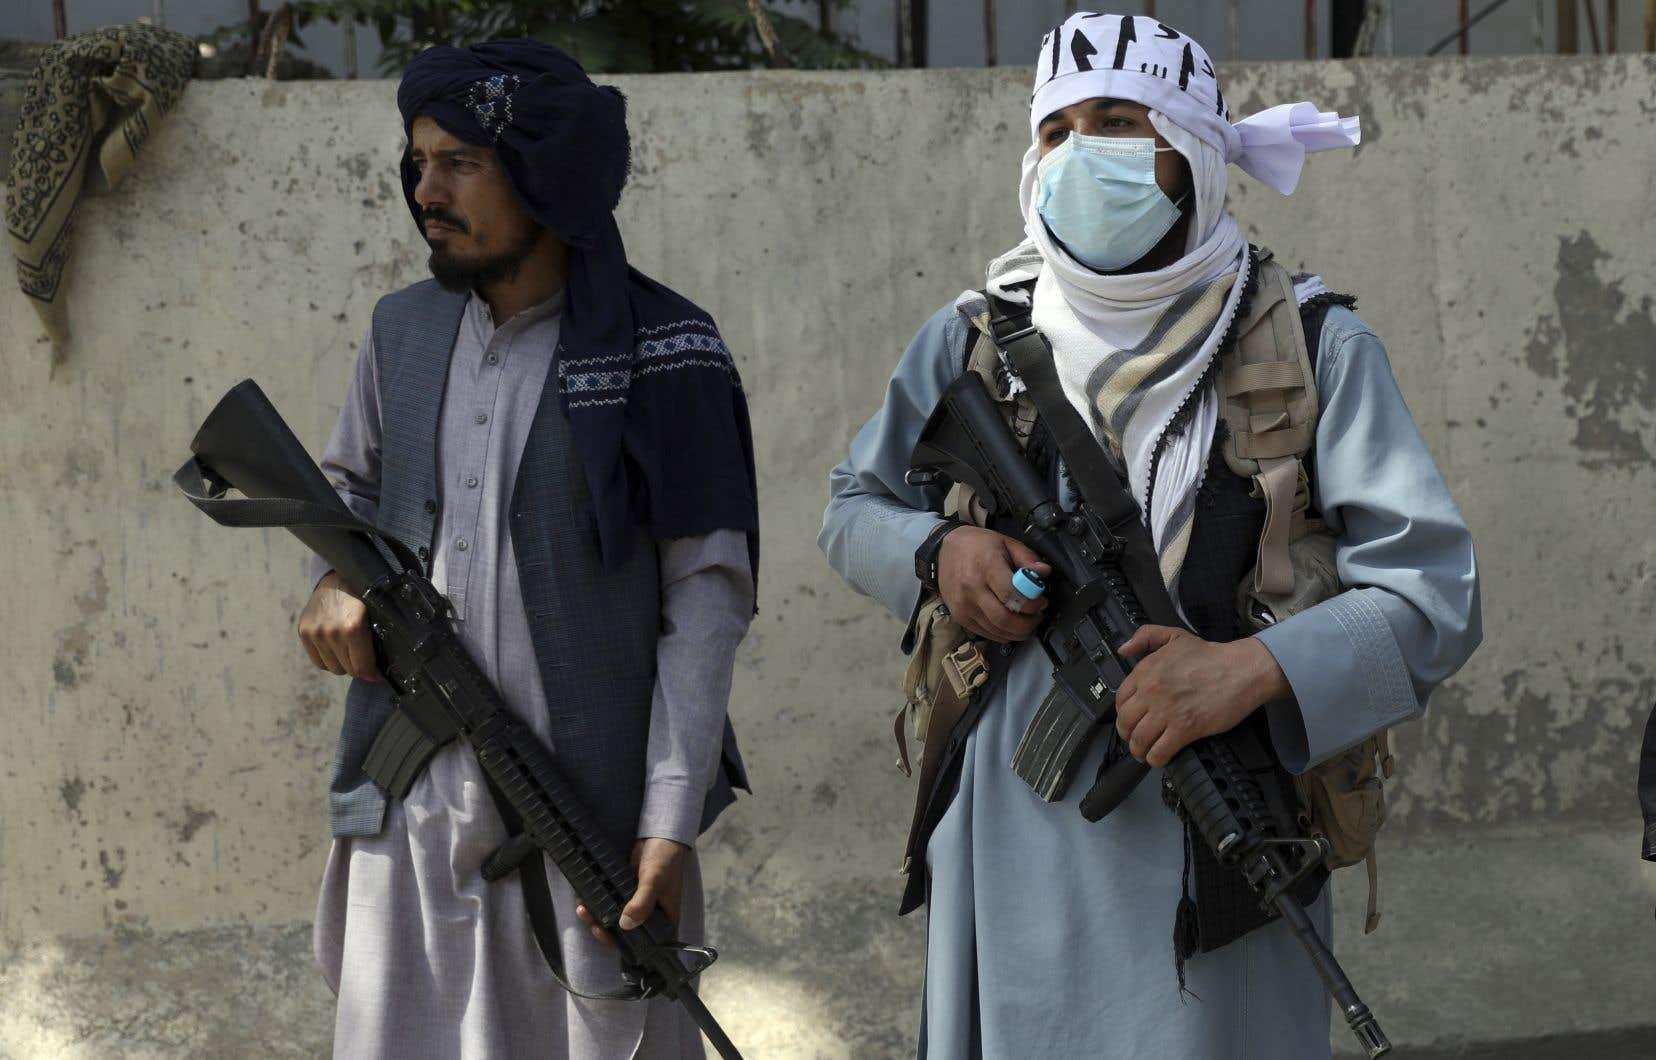 La vie a commencé à reprendre à Kaboul, même si la peur continue à prédominer.